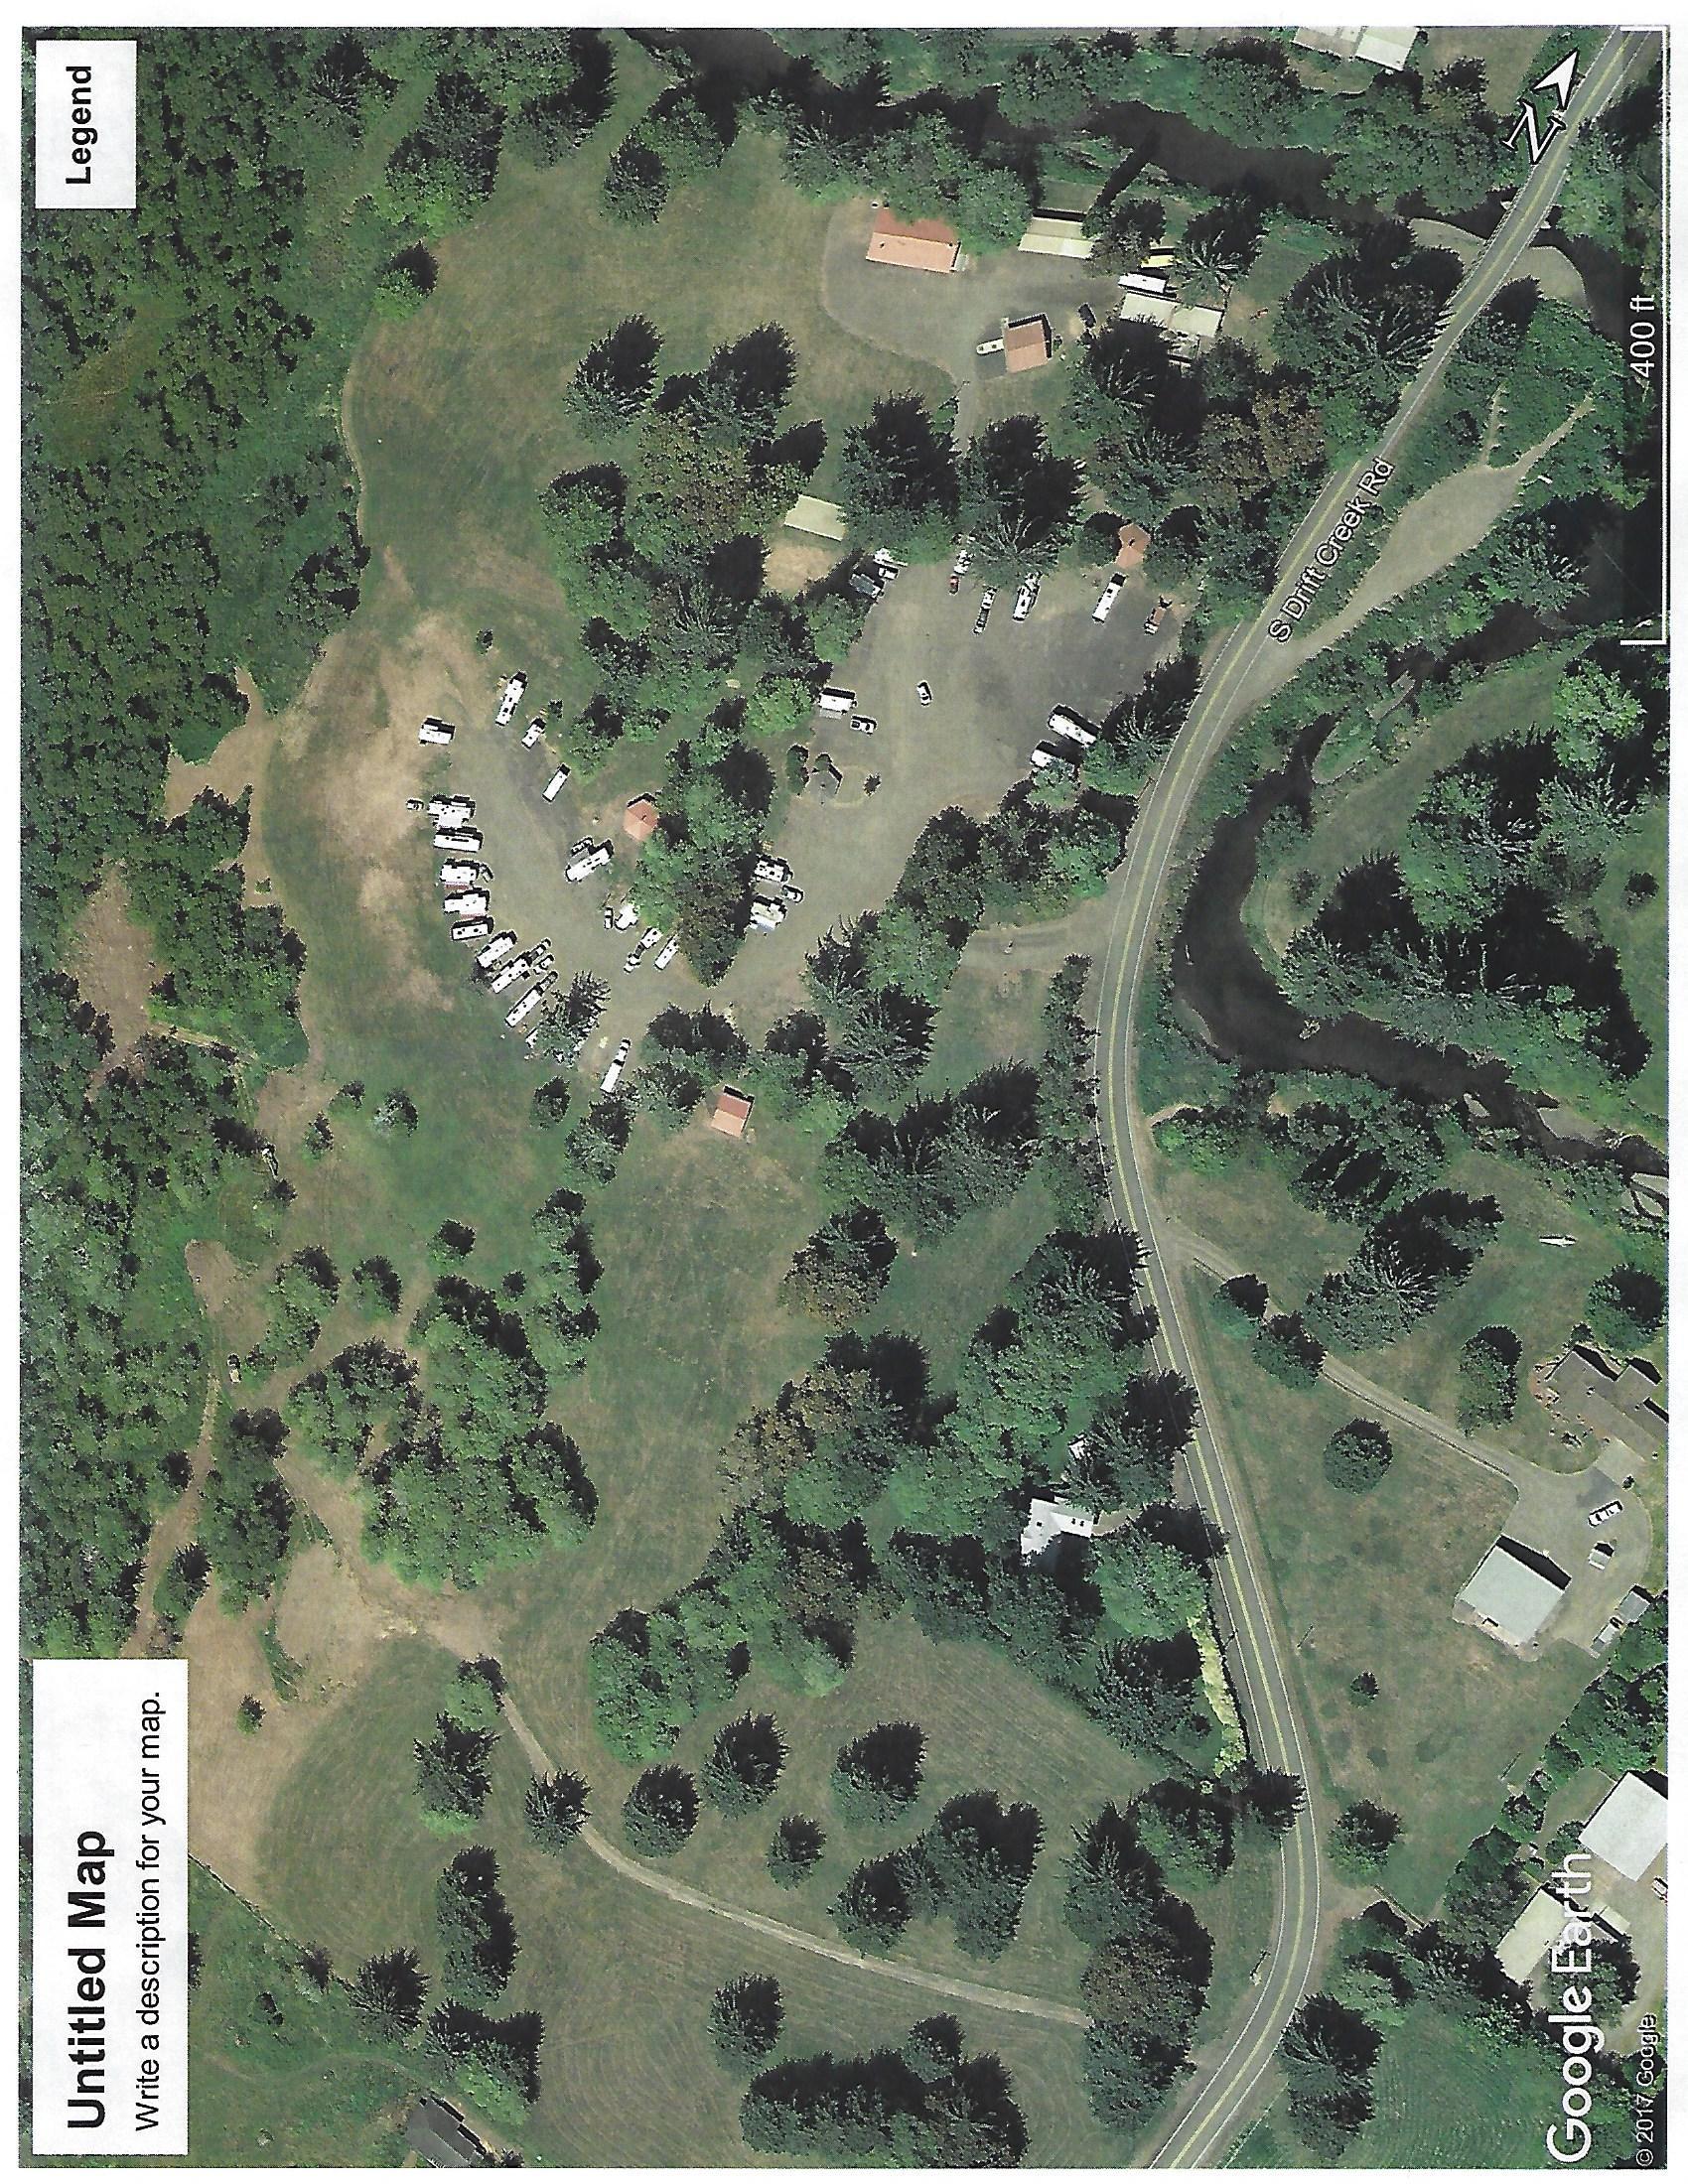 wapiti google image